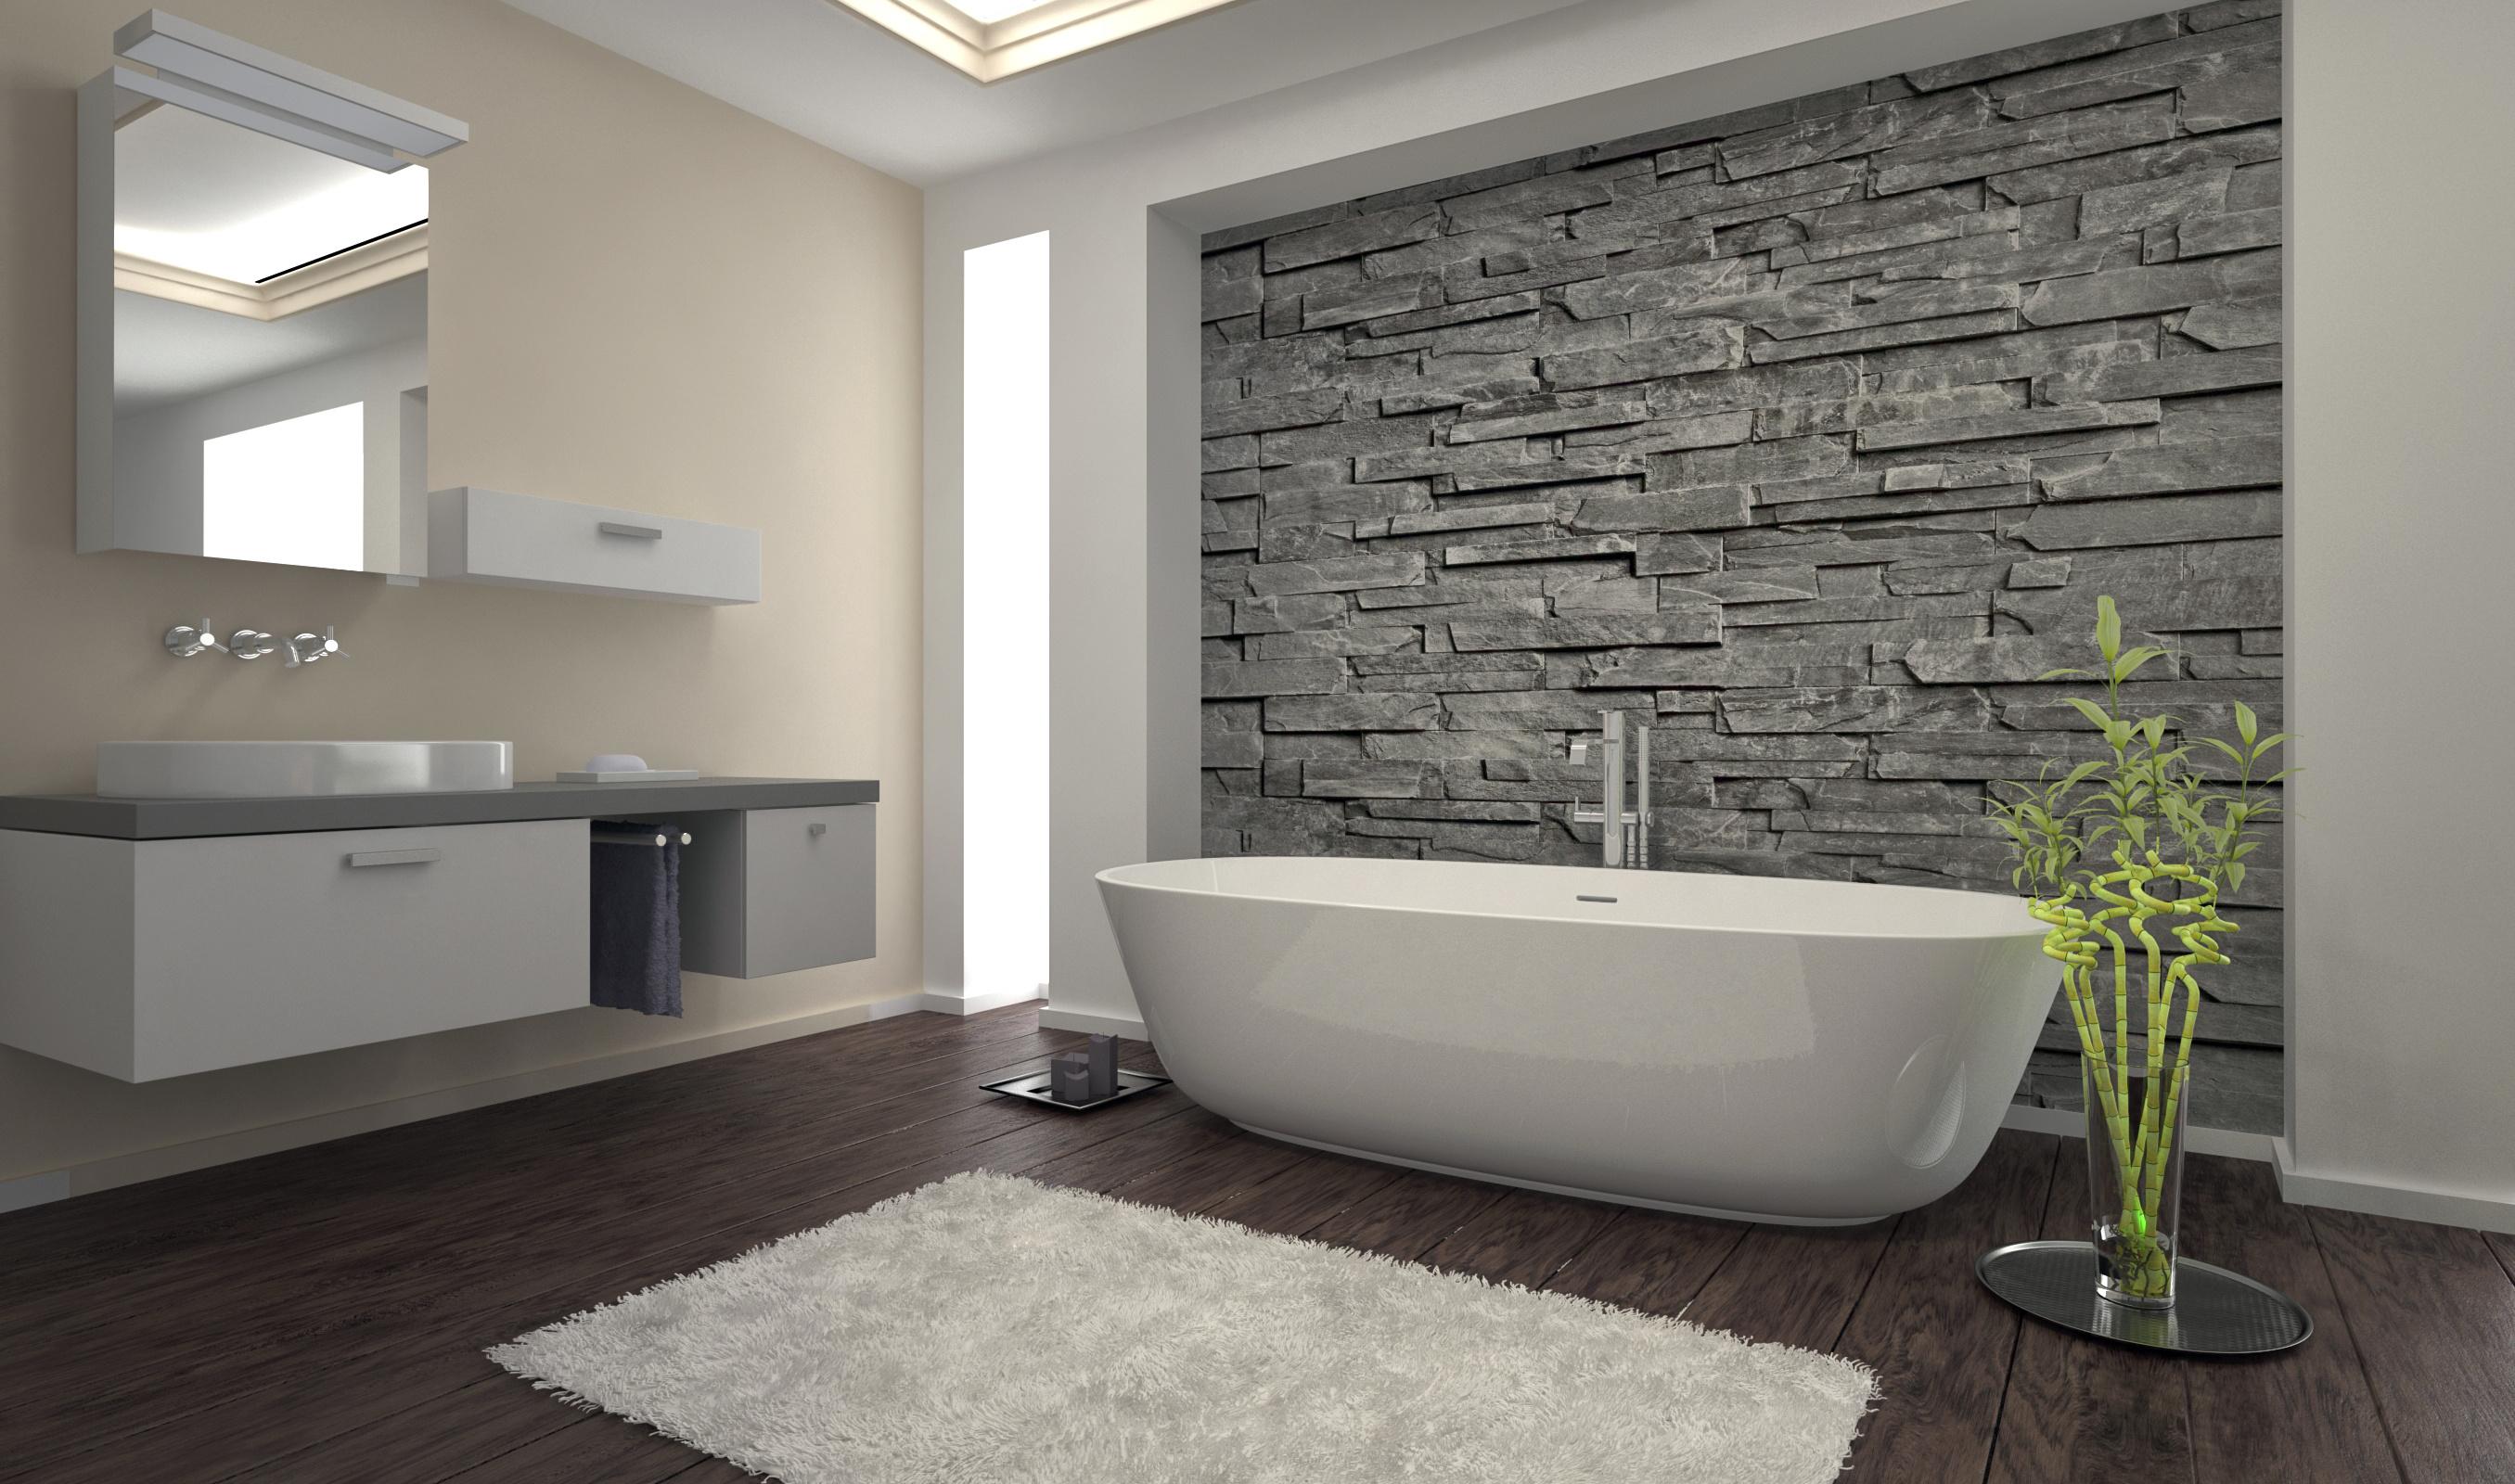 Schöne Ideen für das Badezimmer! – tesa | meinbad by tesa